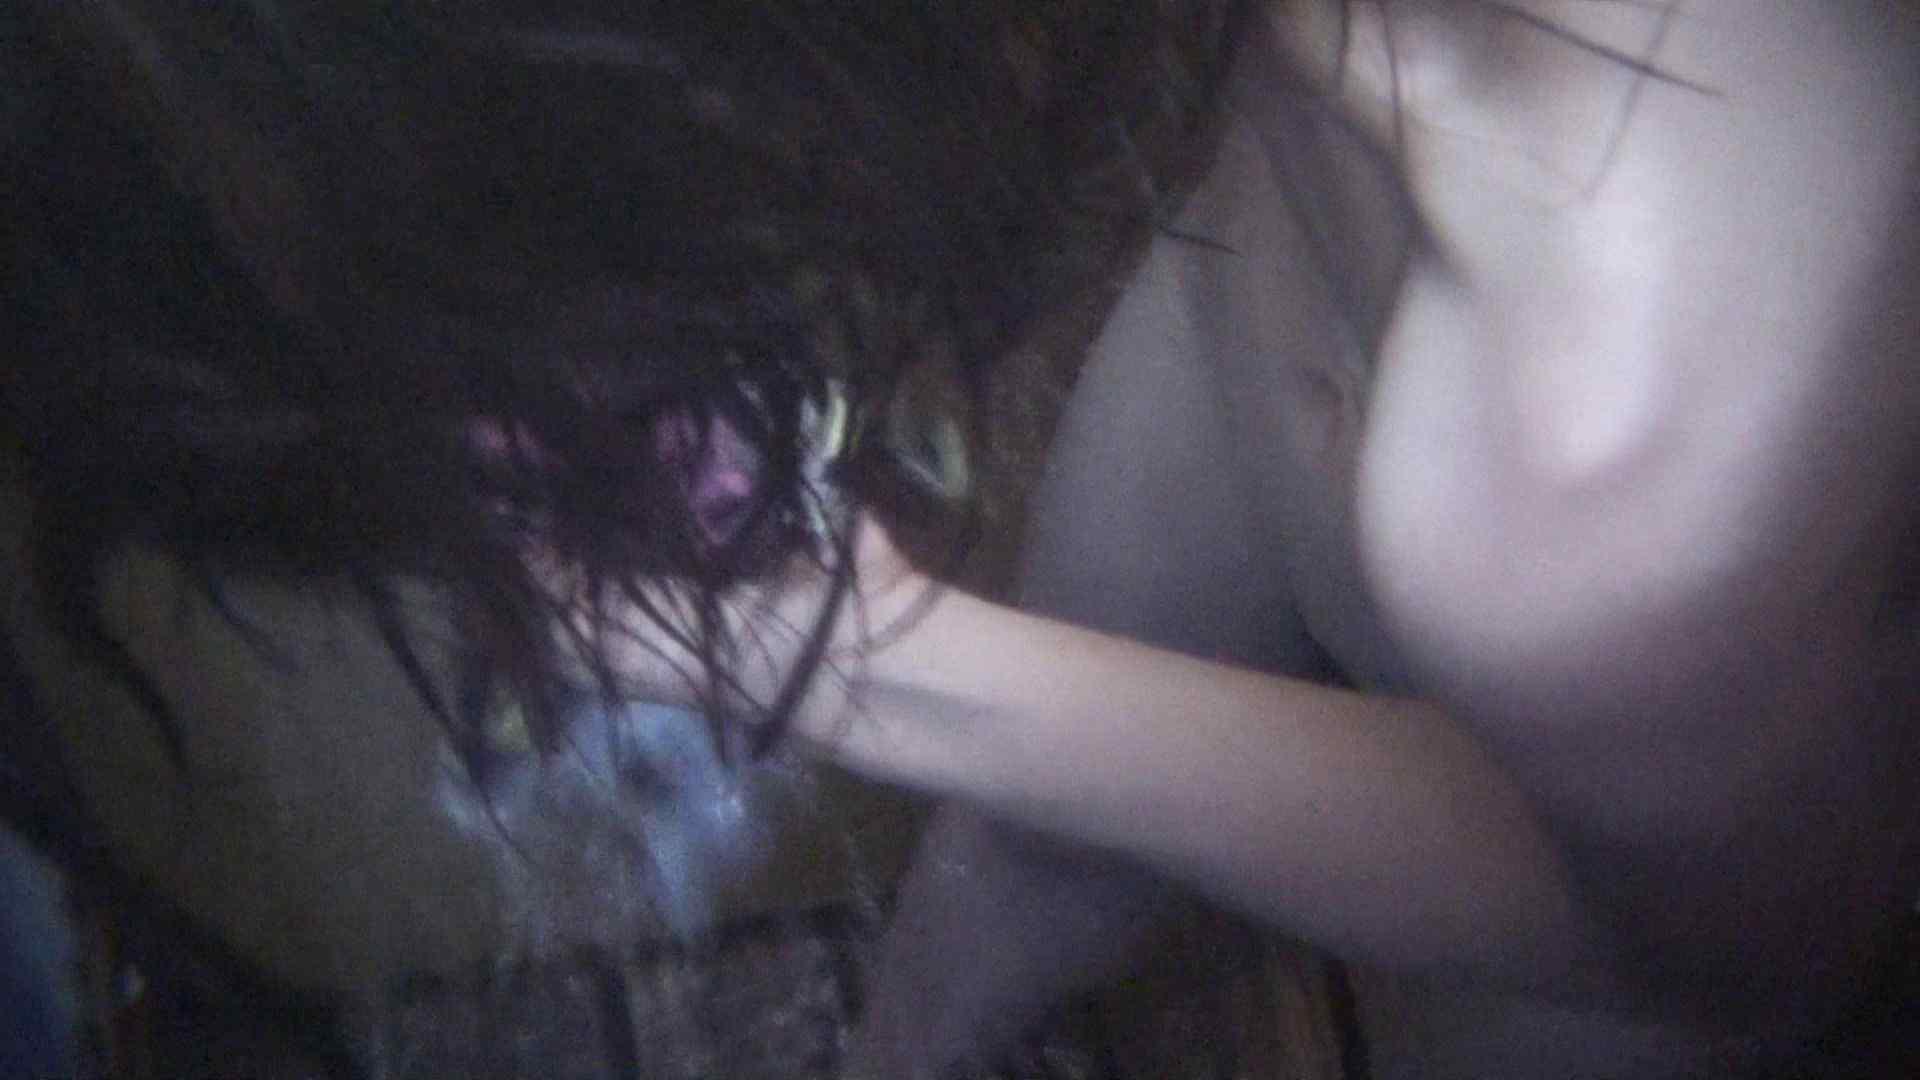 シャワールームは超!!危険な香りVol.7 細くて胸もぺったんこ!かなり可愛いです!! シャワー 覗きおまんこ画像 86連発 59